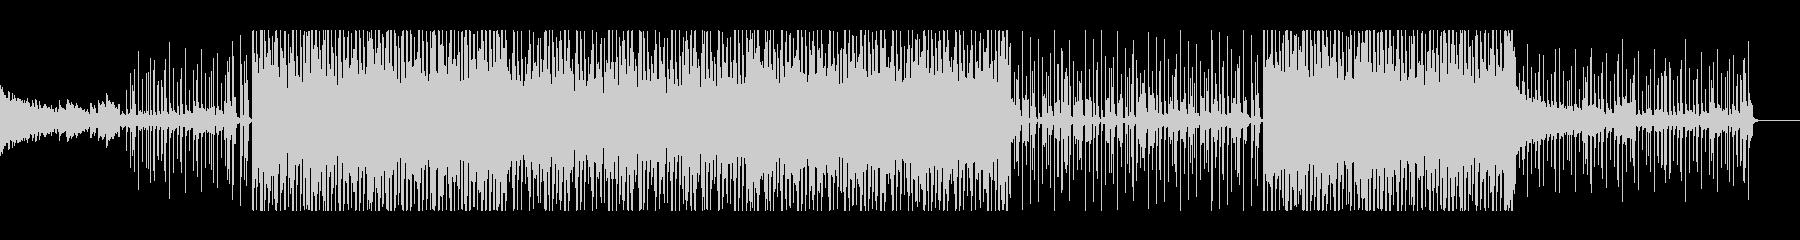 【パターン1-2】明るく元気なポップスの未再生の波形